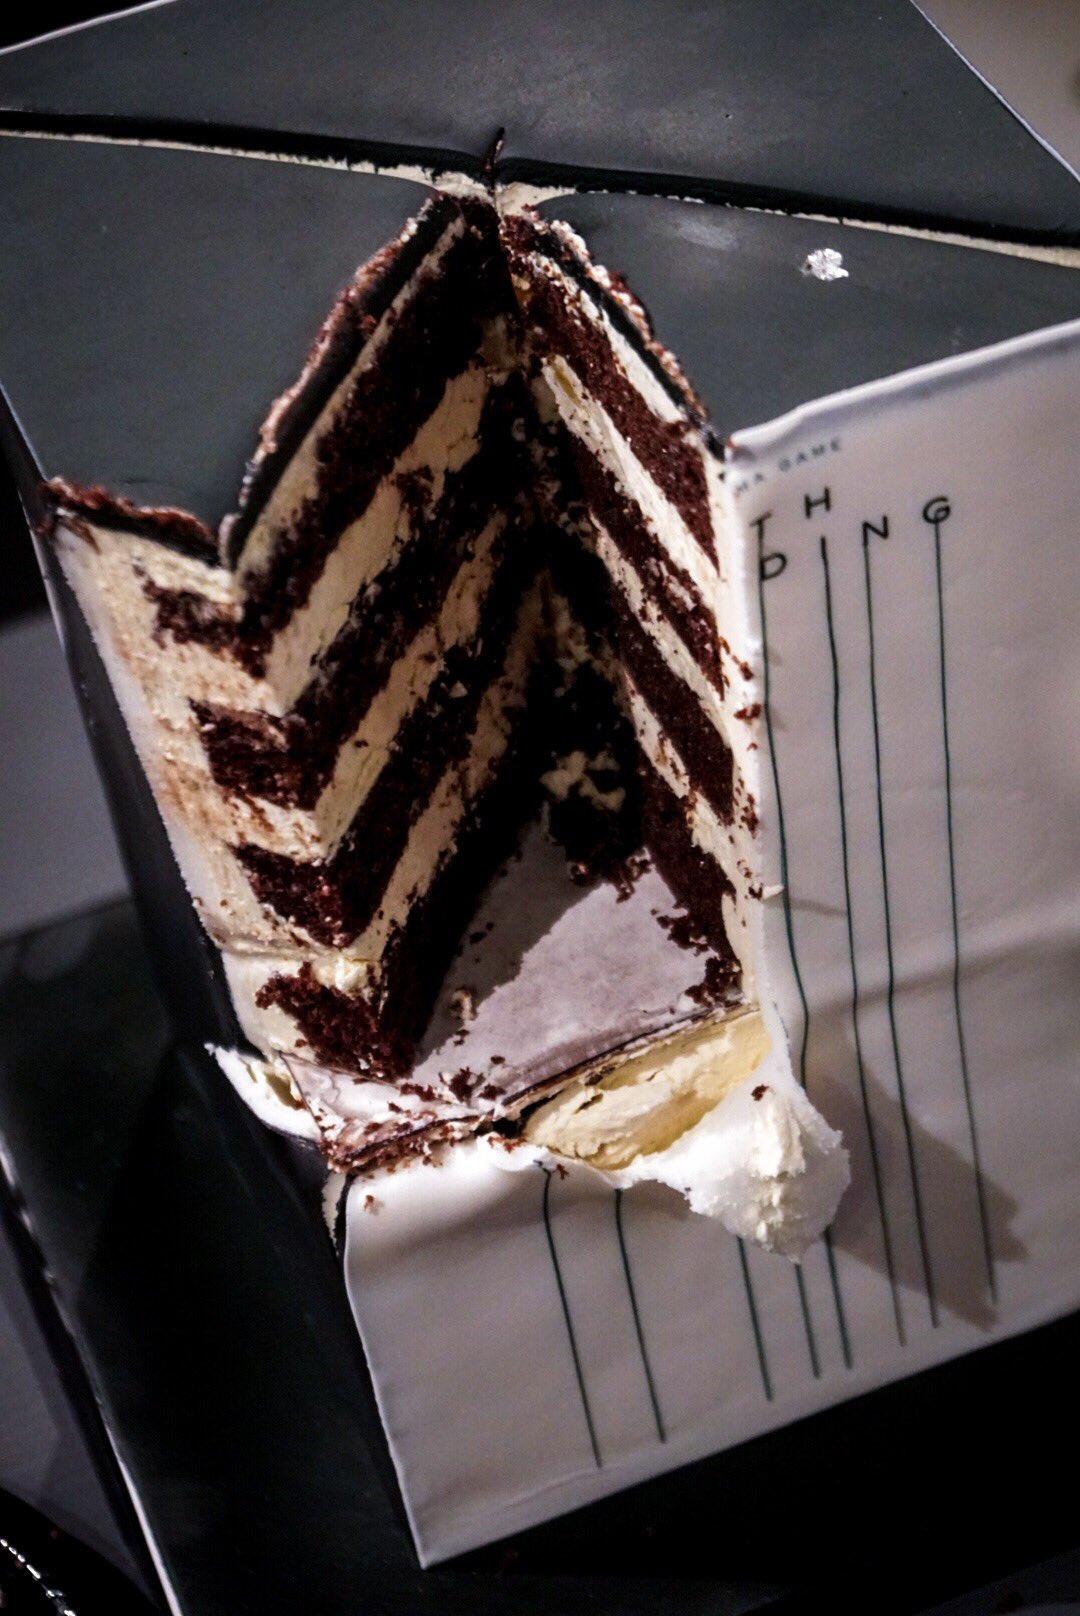 小岛秀夫晒《死亡搁浅》主题蛋糕 很有金属质感